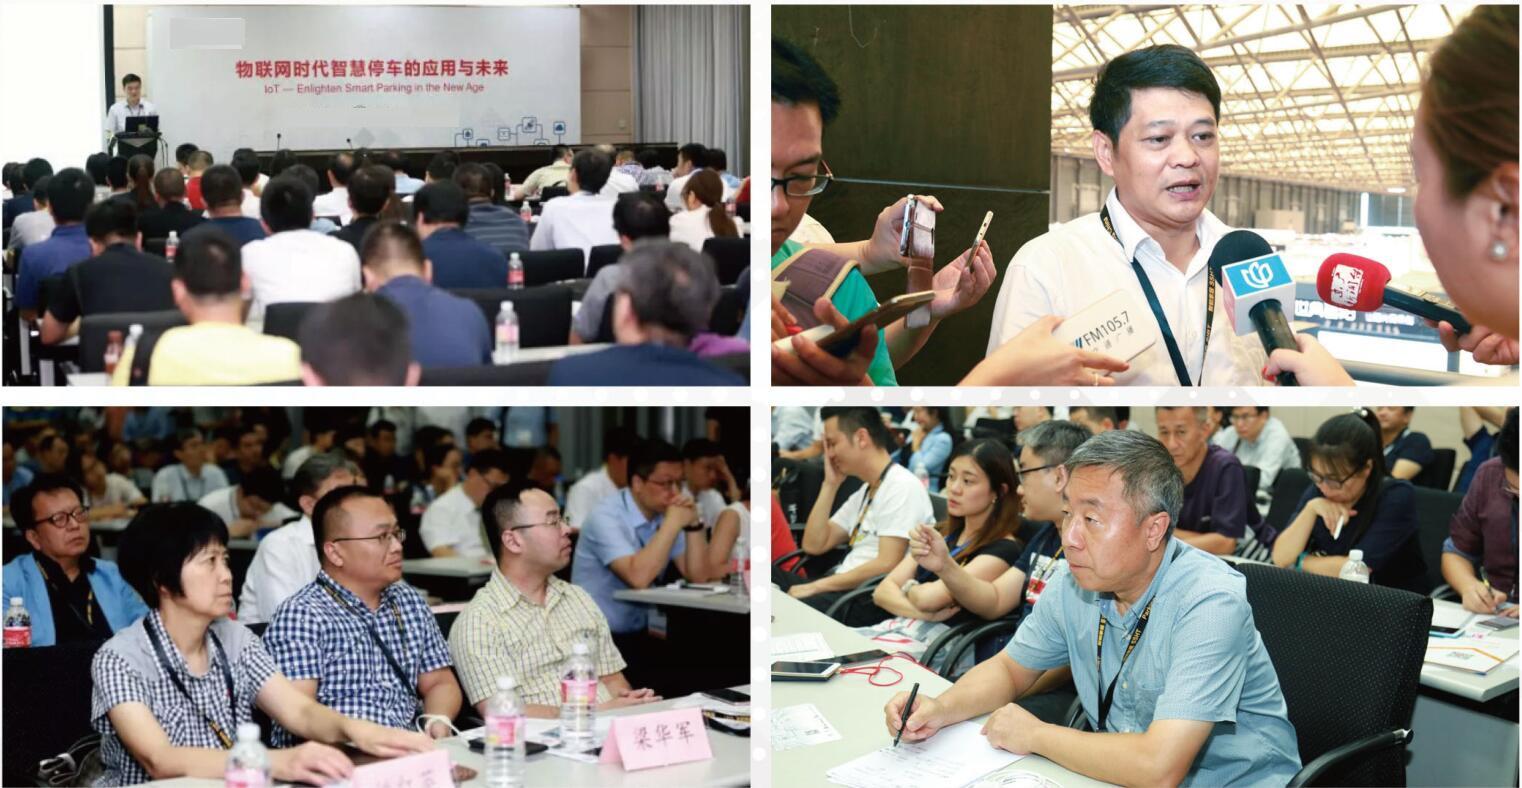 南京国际智慧停车展览会